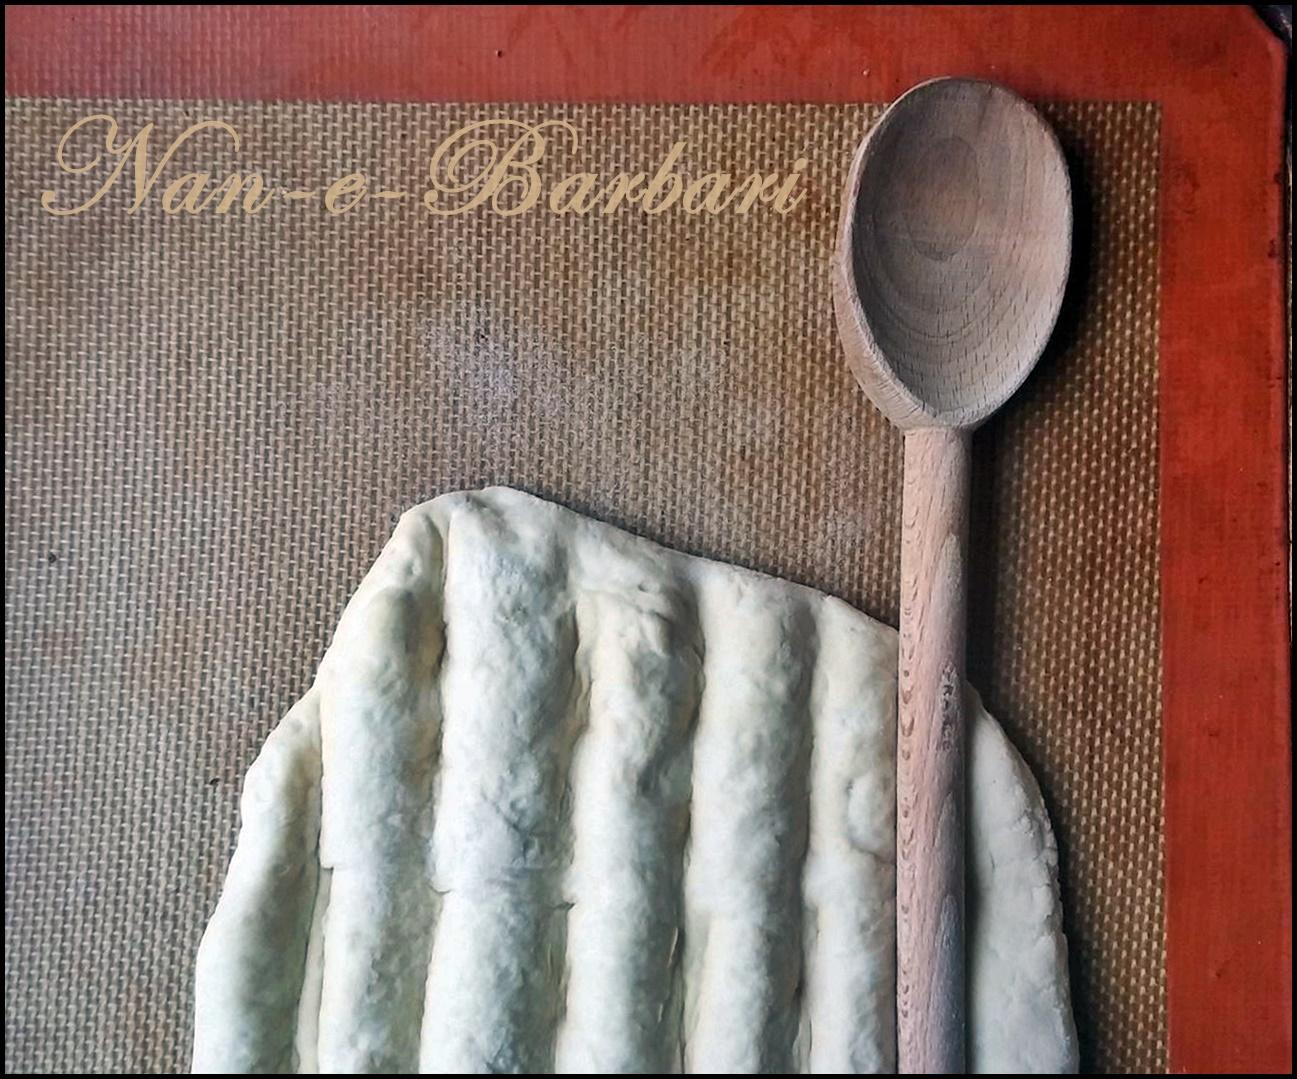 Nan-e-Barbari